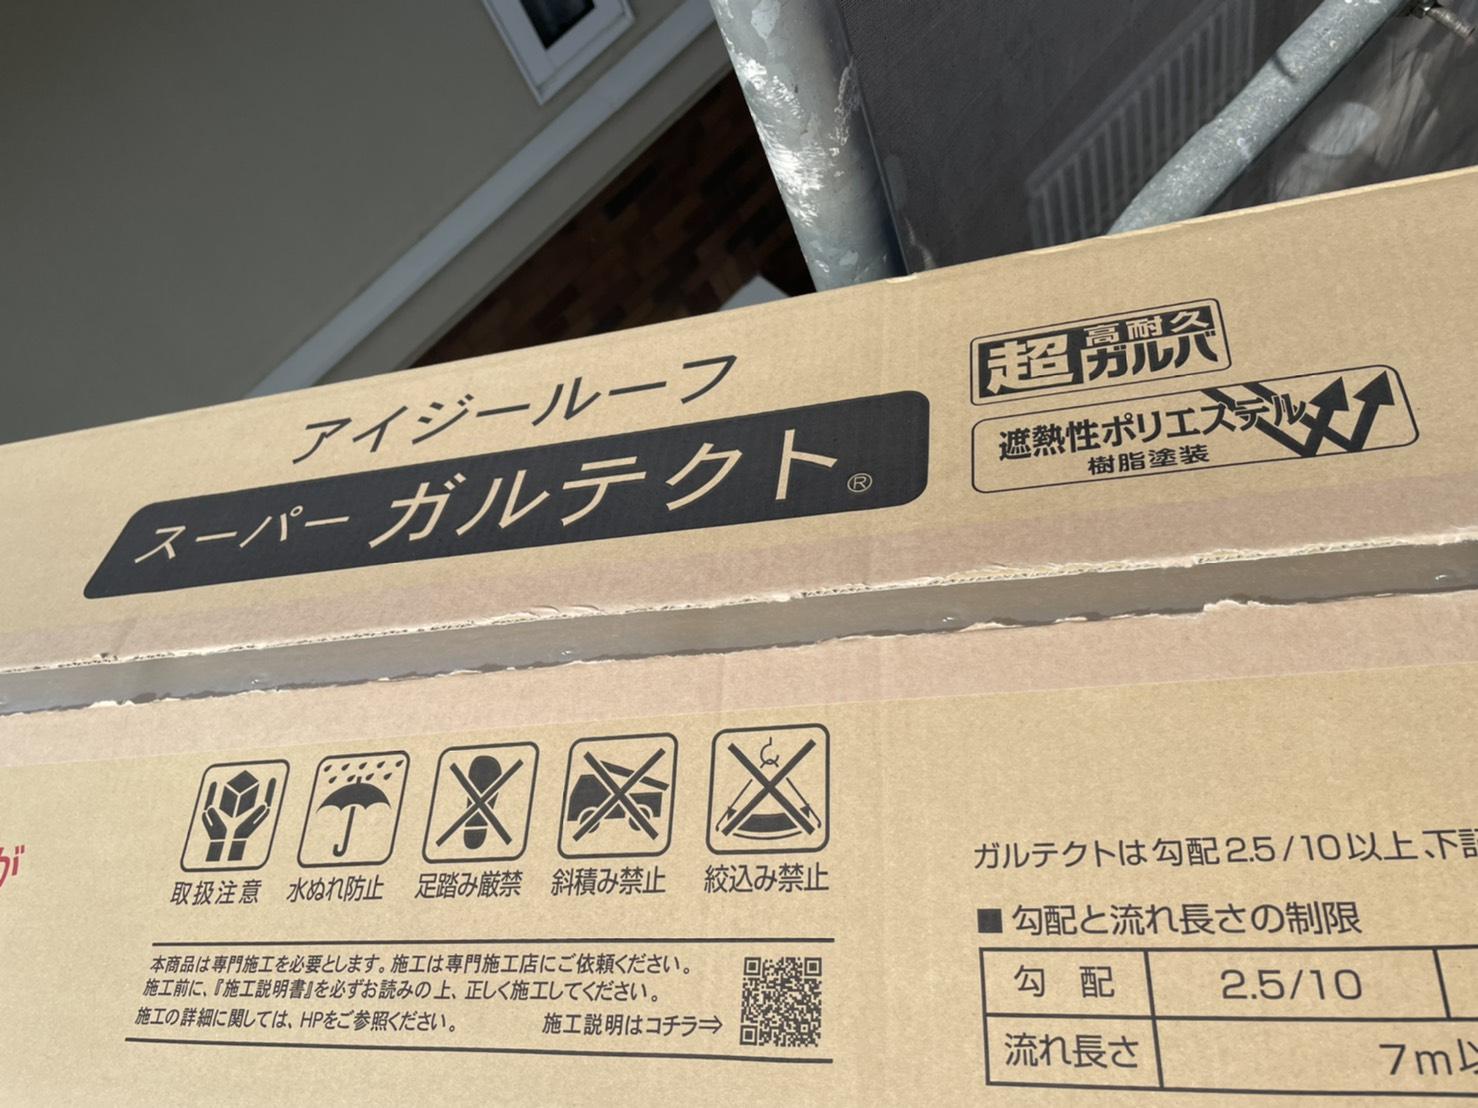 神戸市垂水区での屋根工事で使用した屋根材